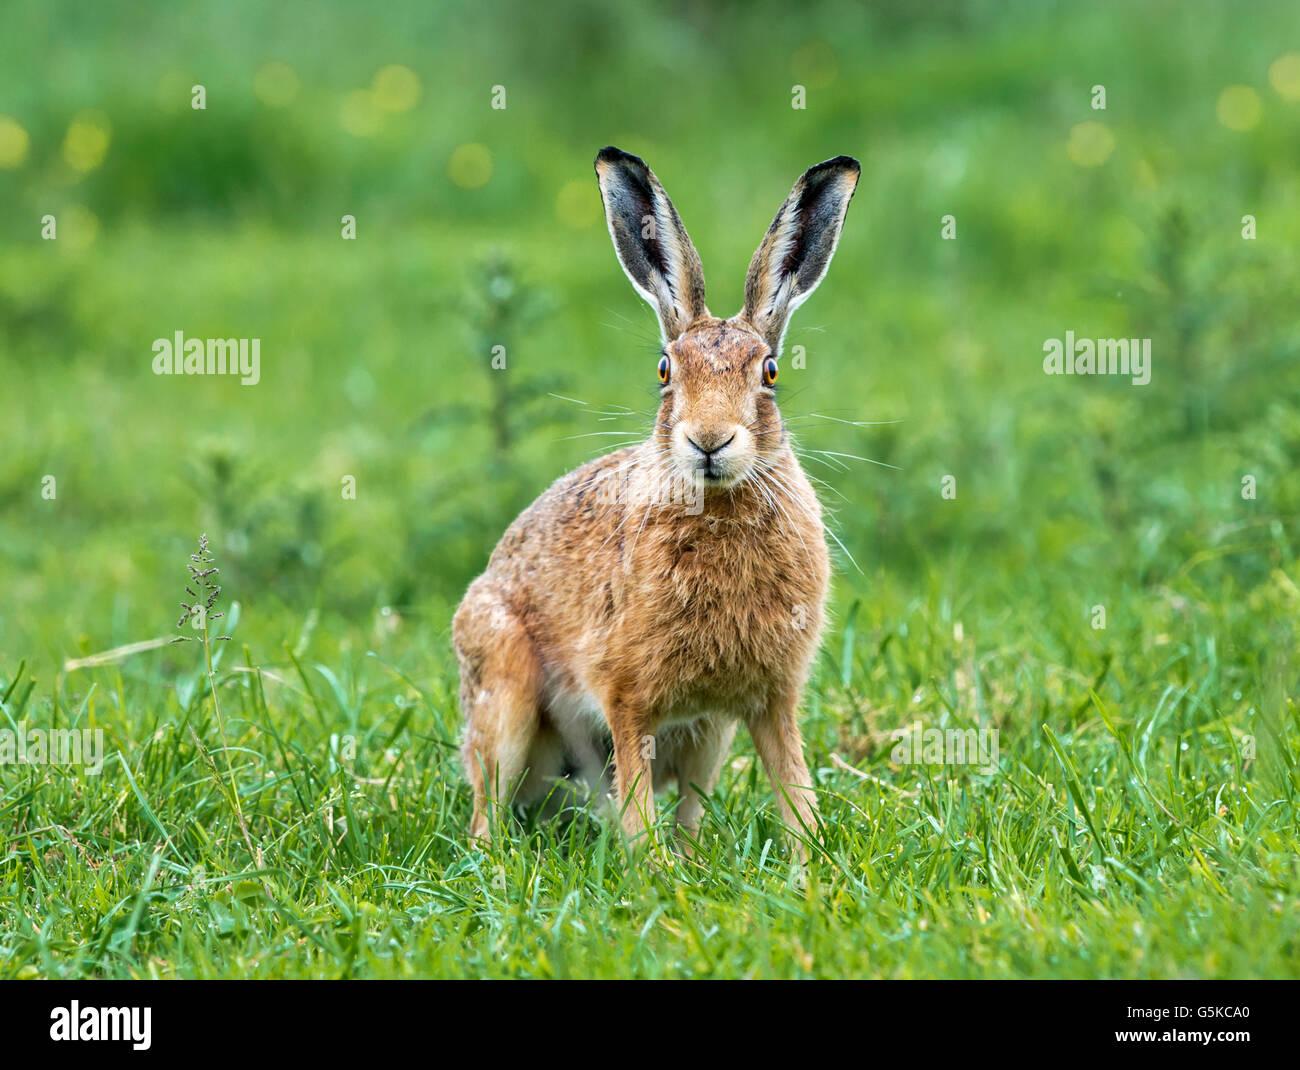 Un lièvre brun dans une prairie d'été Photo Stock